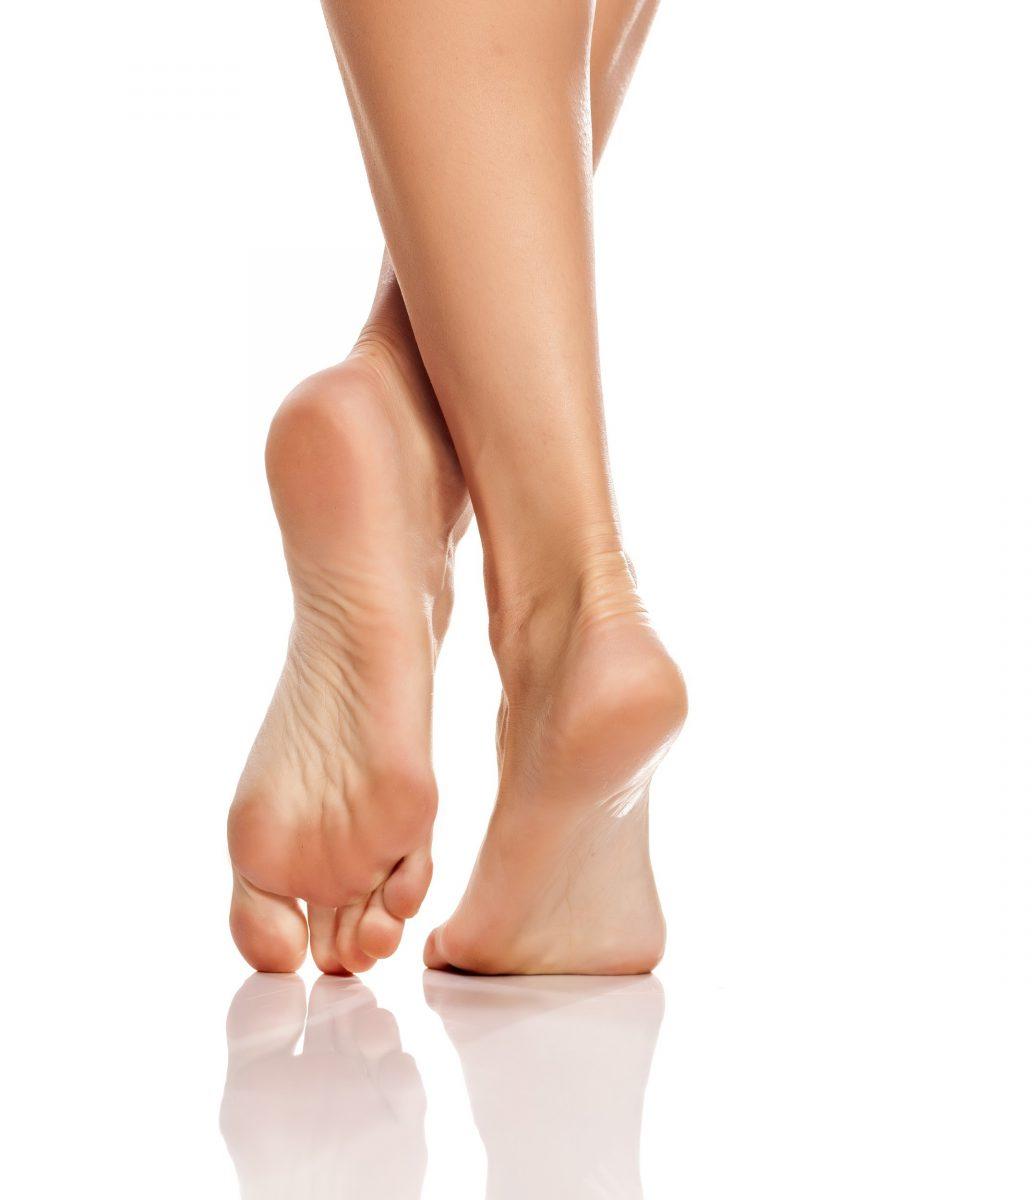 Descubra os quatro mandamentos para ter os pés saudáveis - Foto: Shutterstock